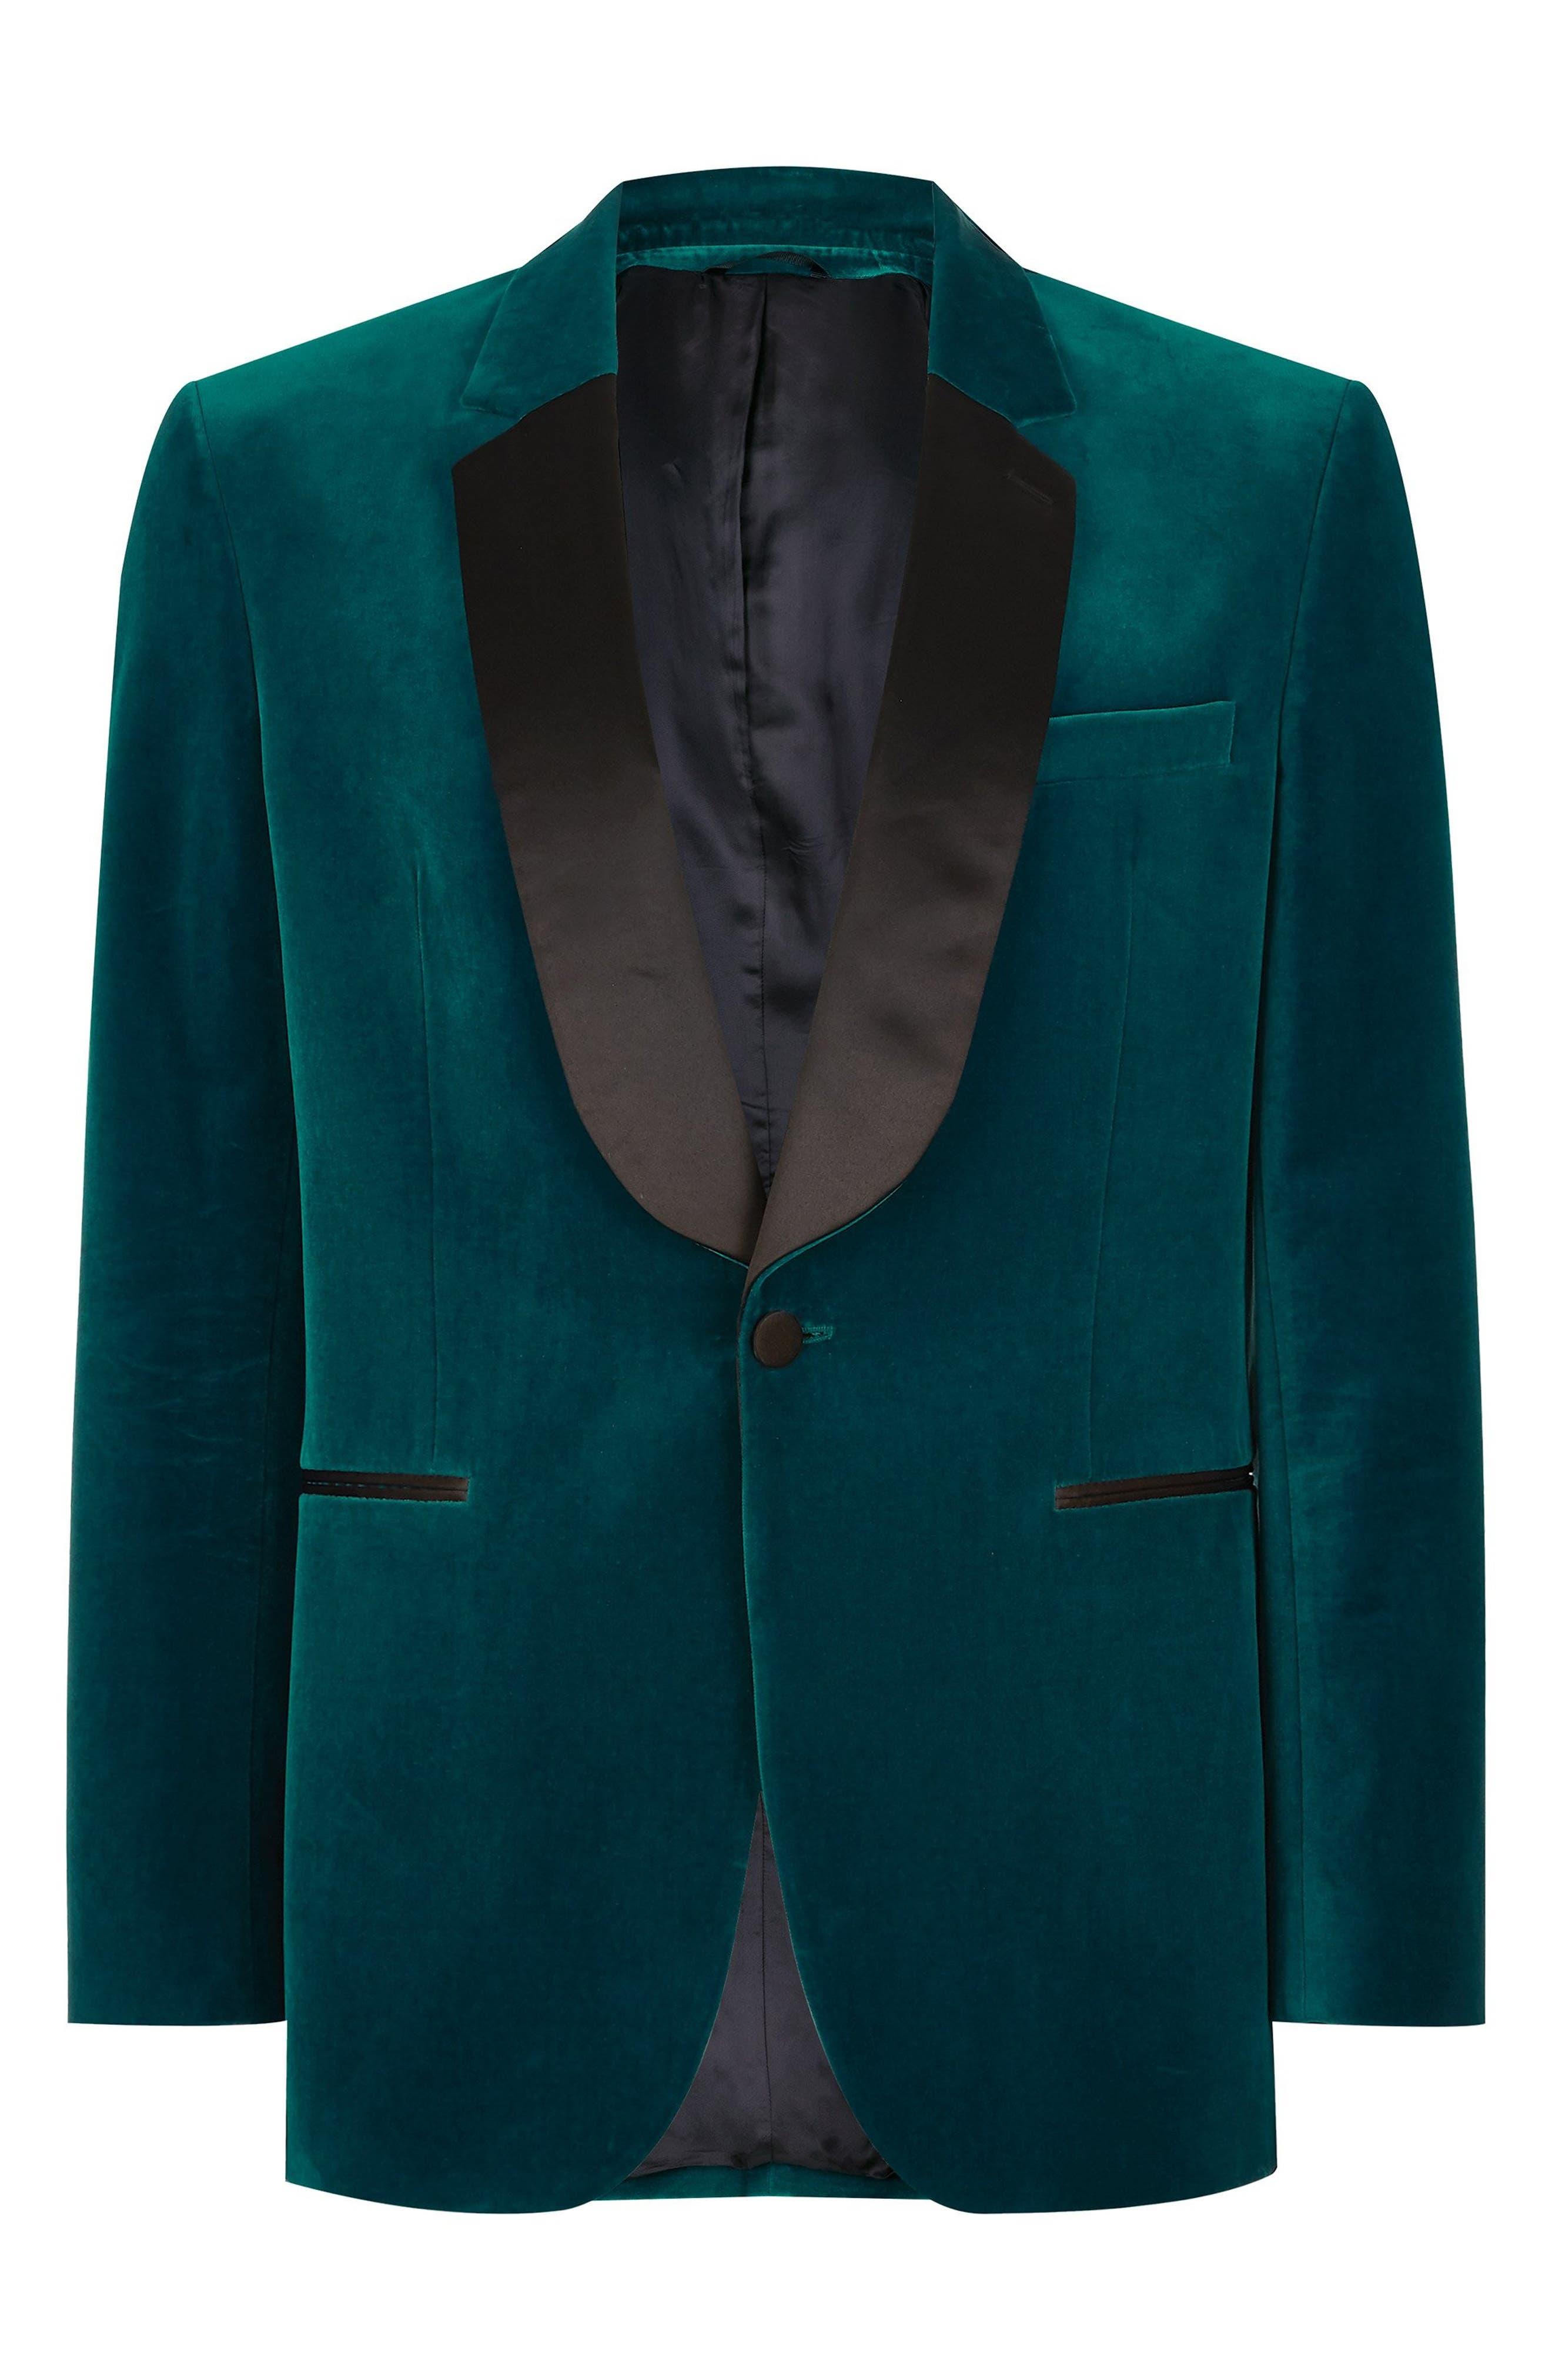 TOPMAN,                             Casely Hayford Skinny Fit Velvet Blazer,                             Alternate thumbnail 3, color,                             BLUE MULTI